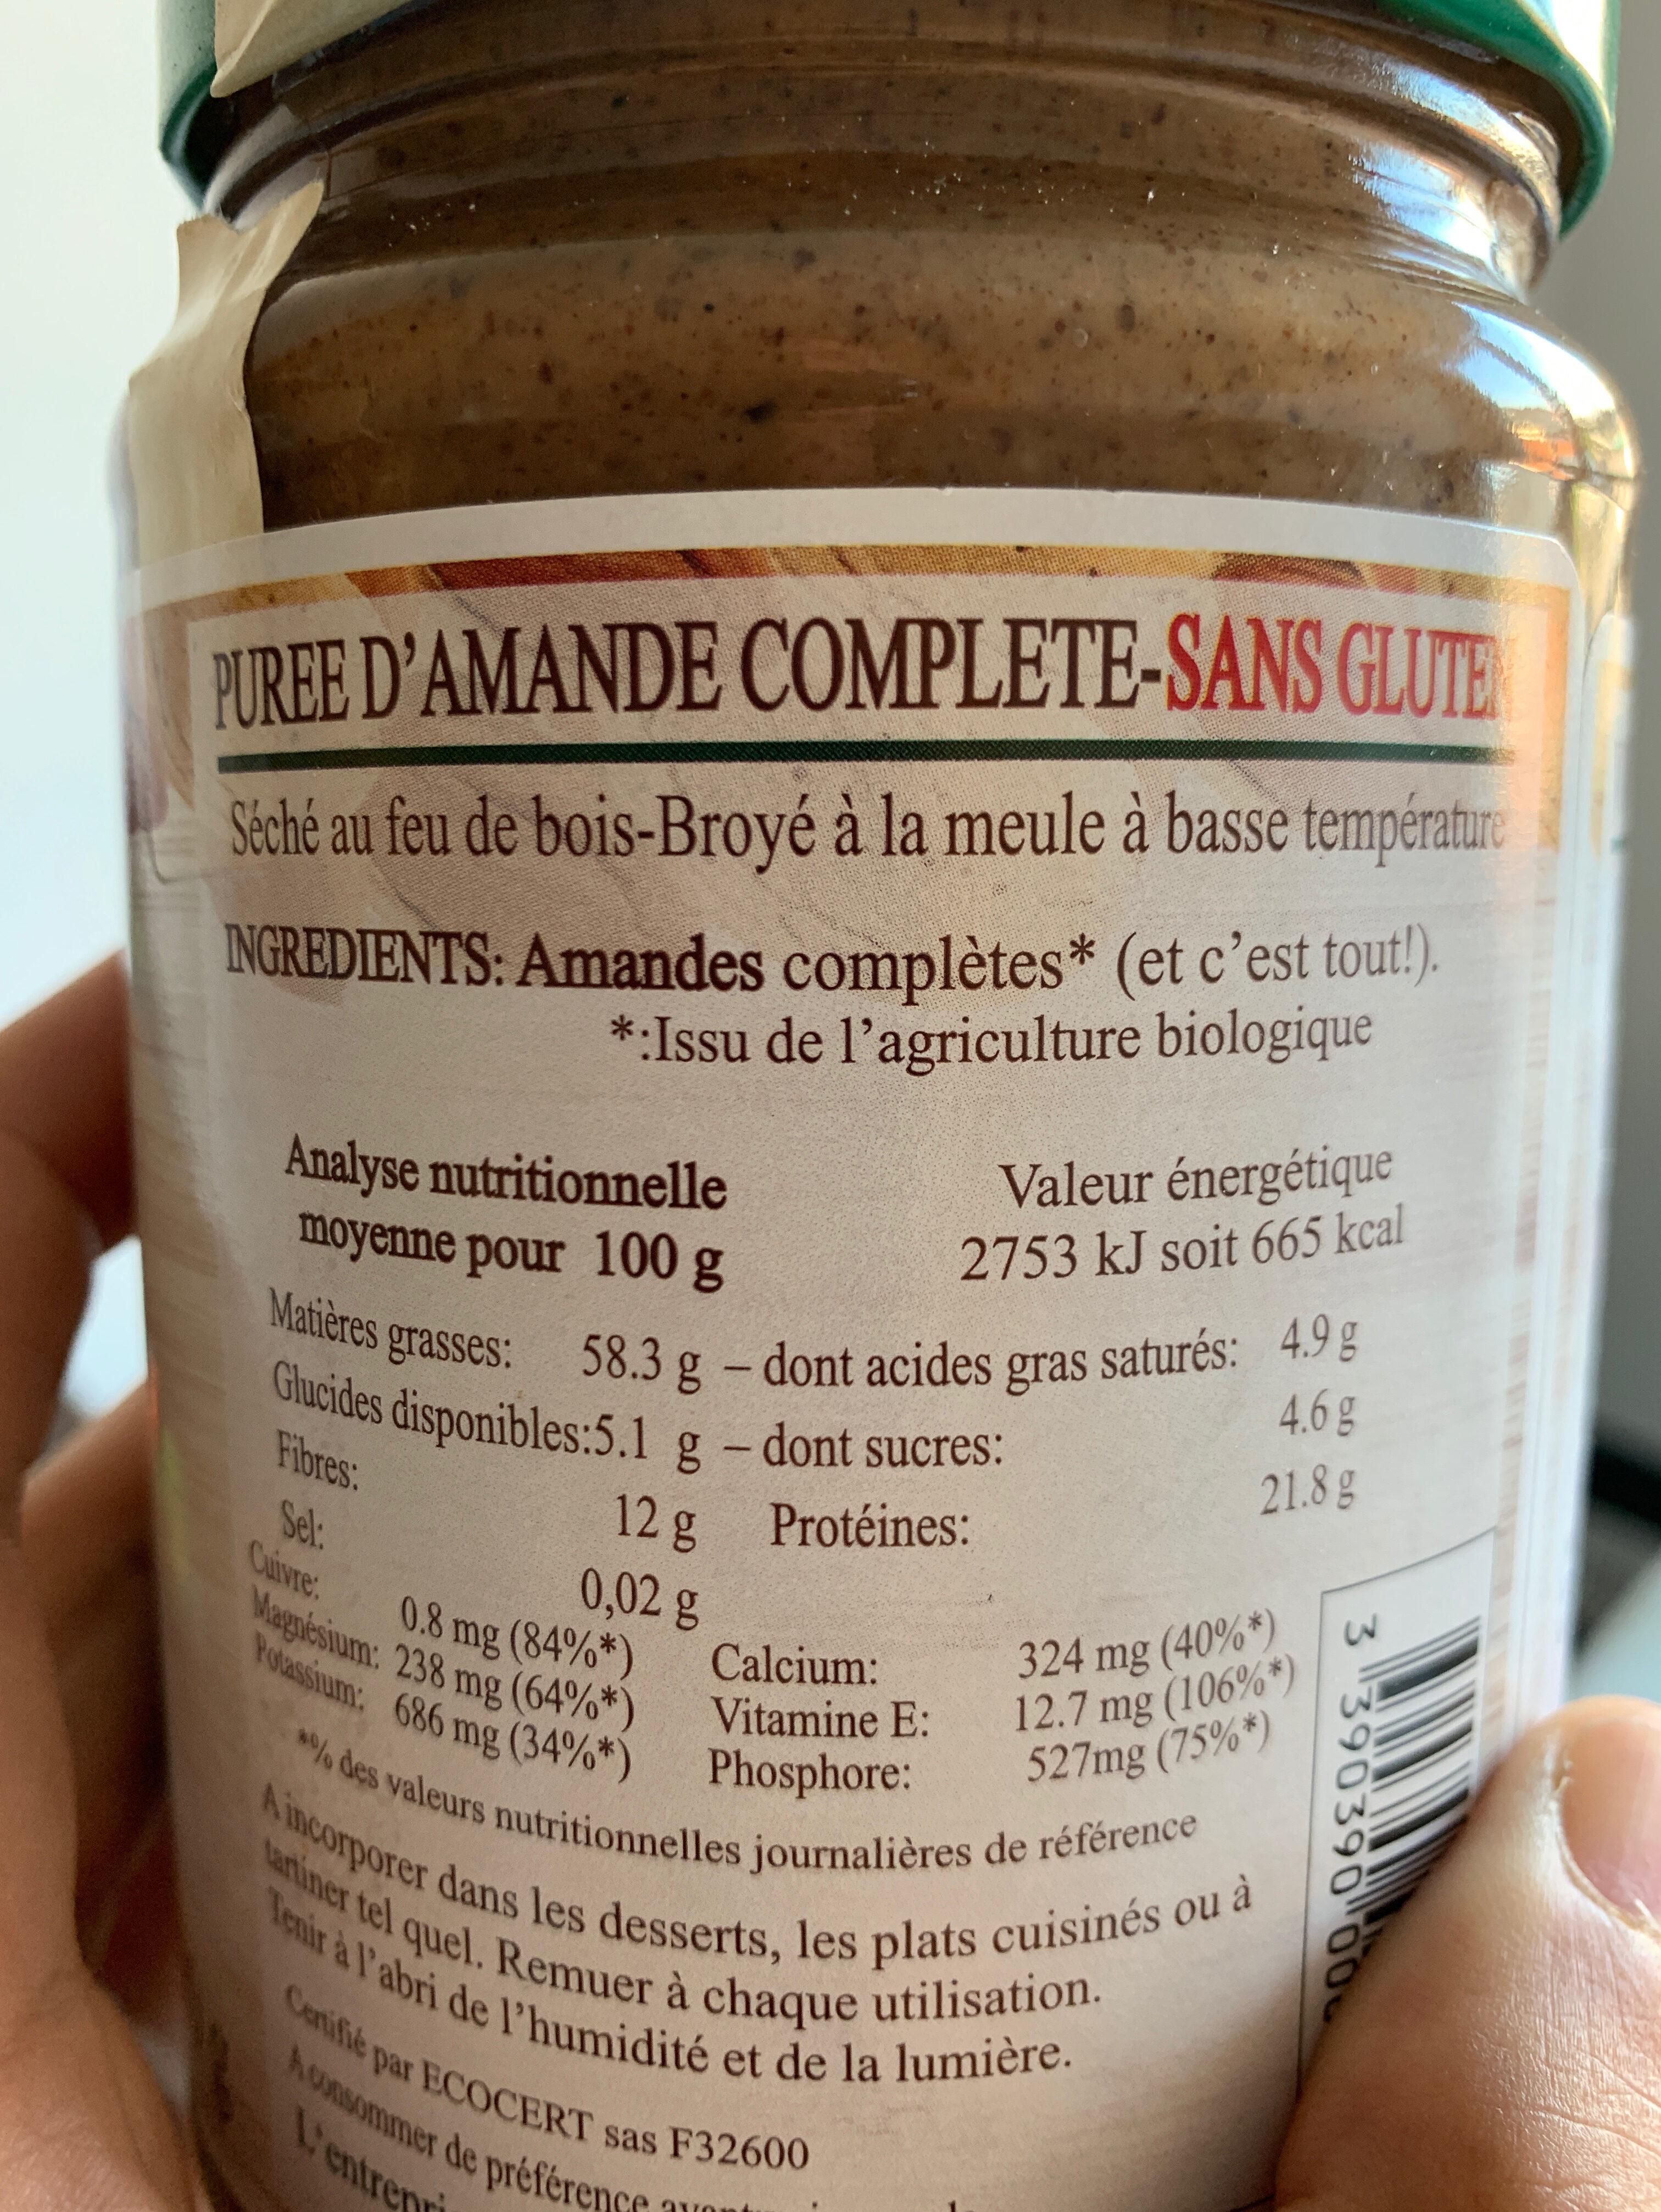 Purée amande complète - Ingredients - en